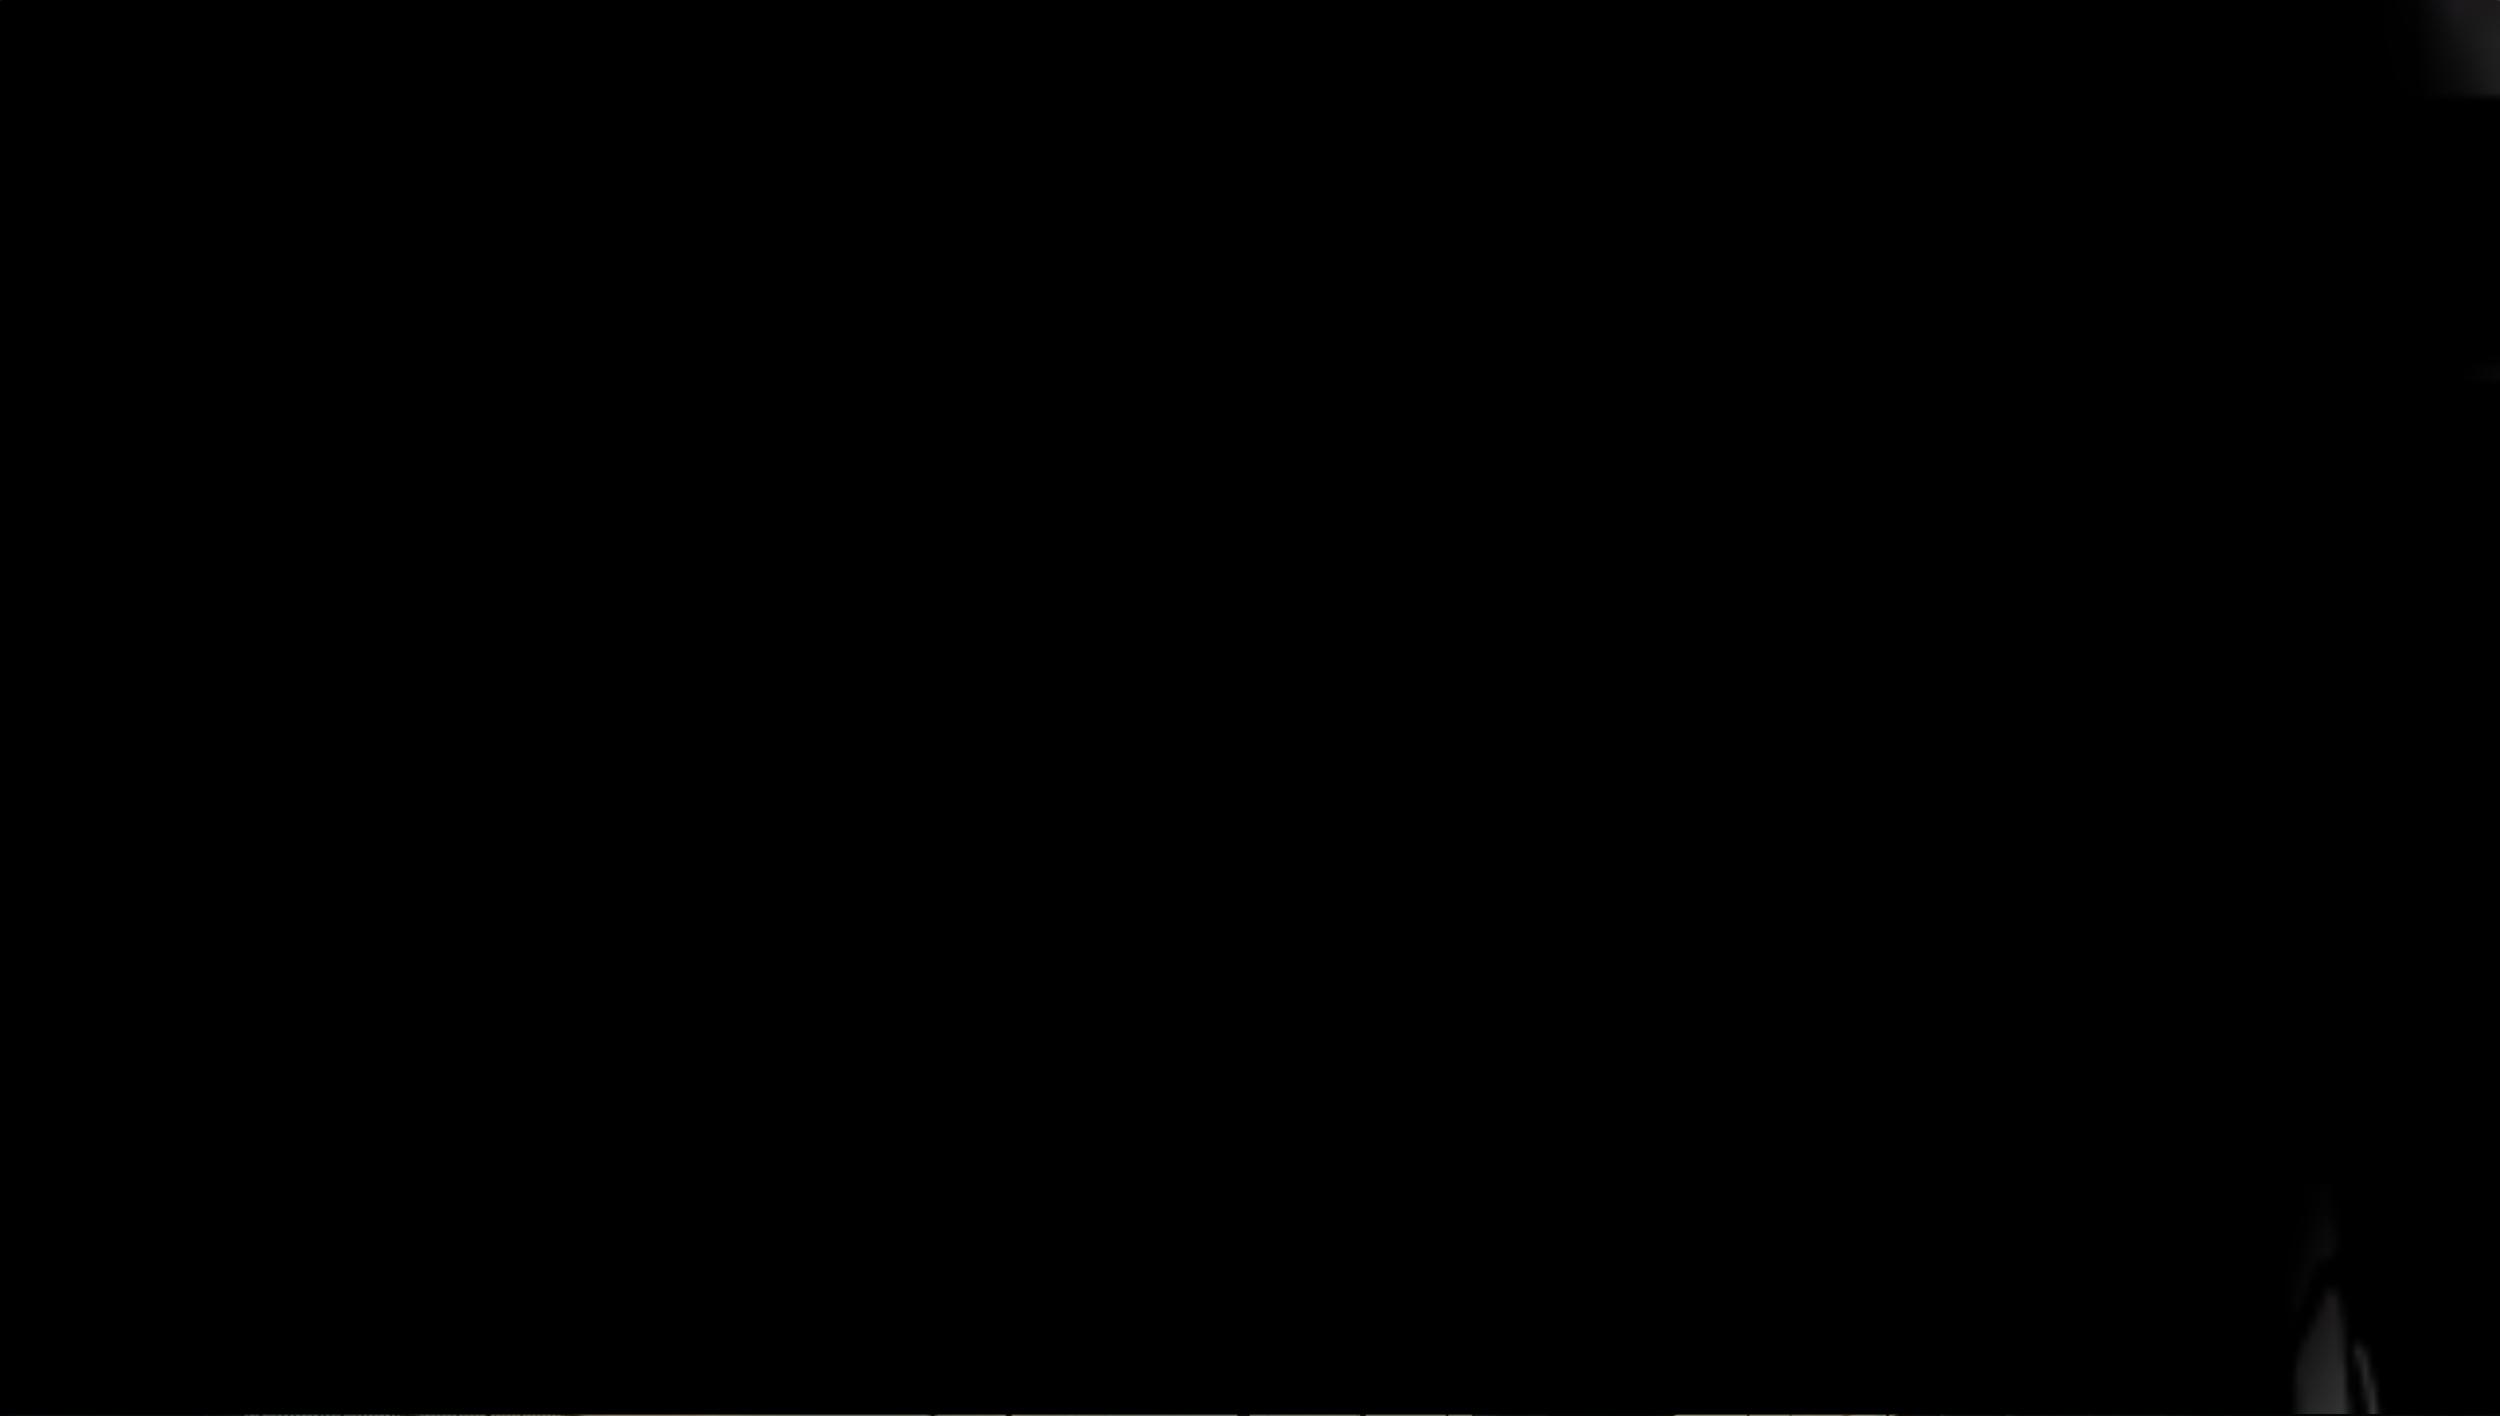 Screen Shot 2017-05-14 at 11.30.45 AM.png